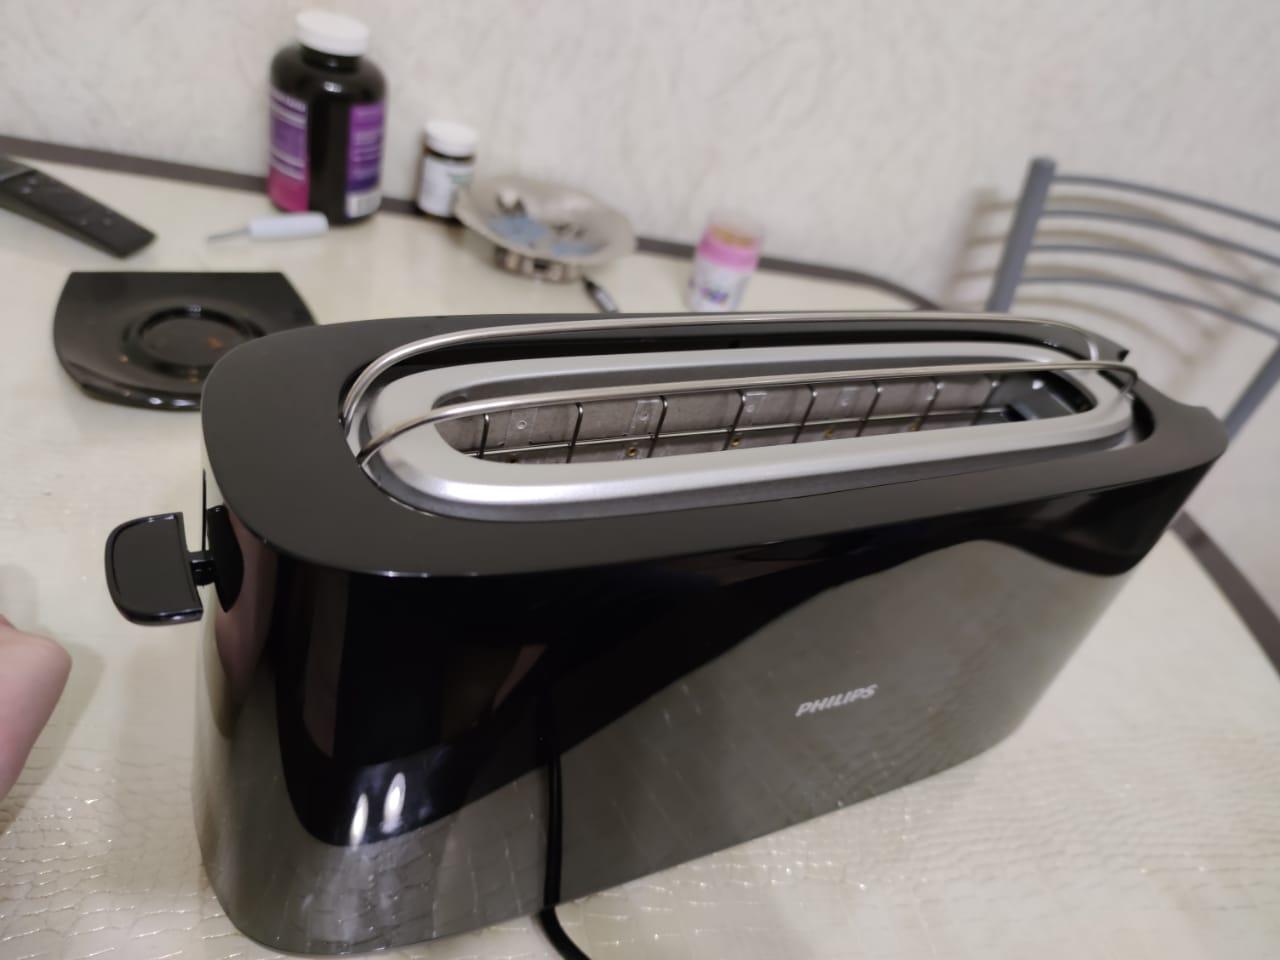 Обзор тостера Philips HD 2590/90